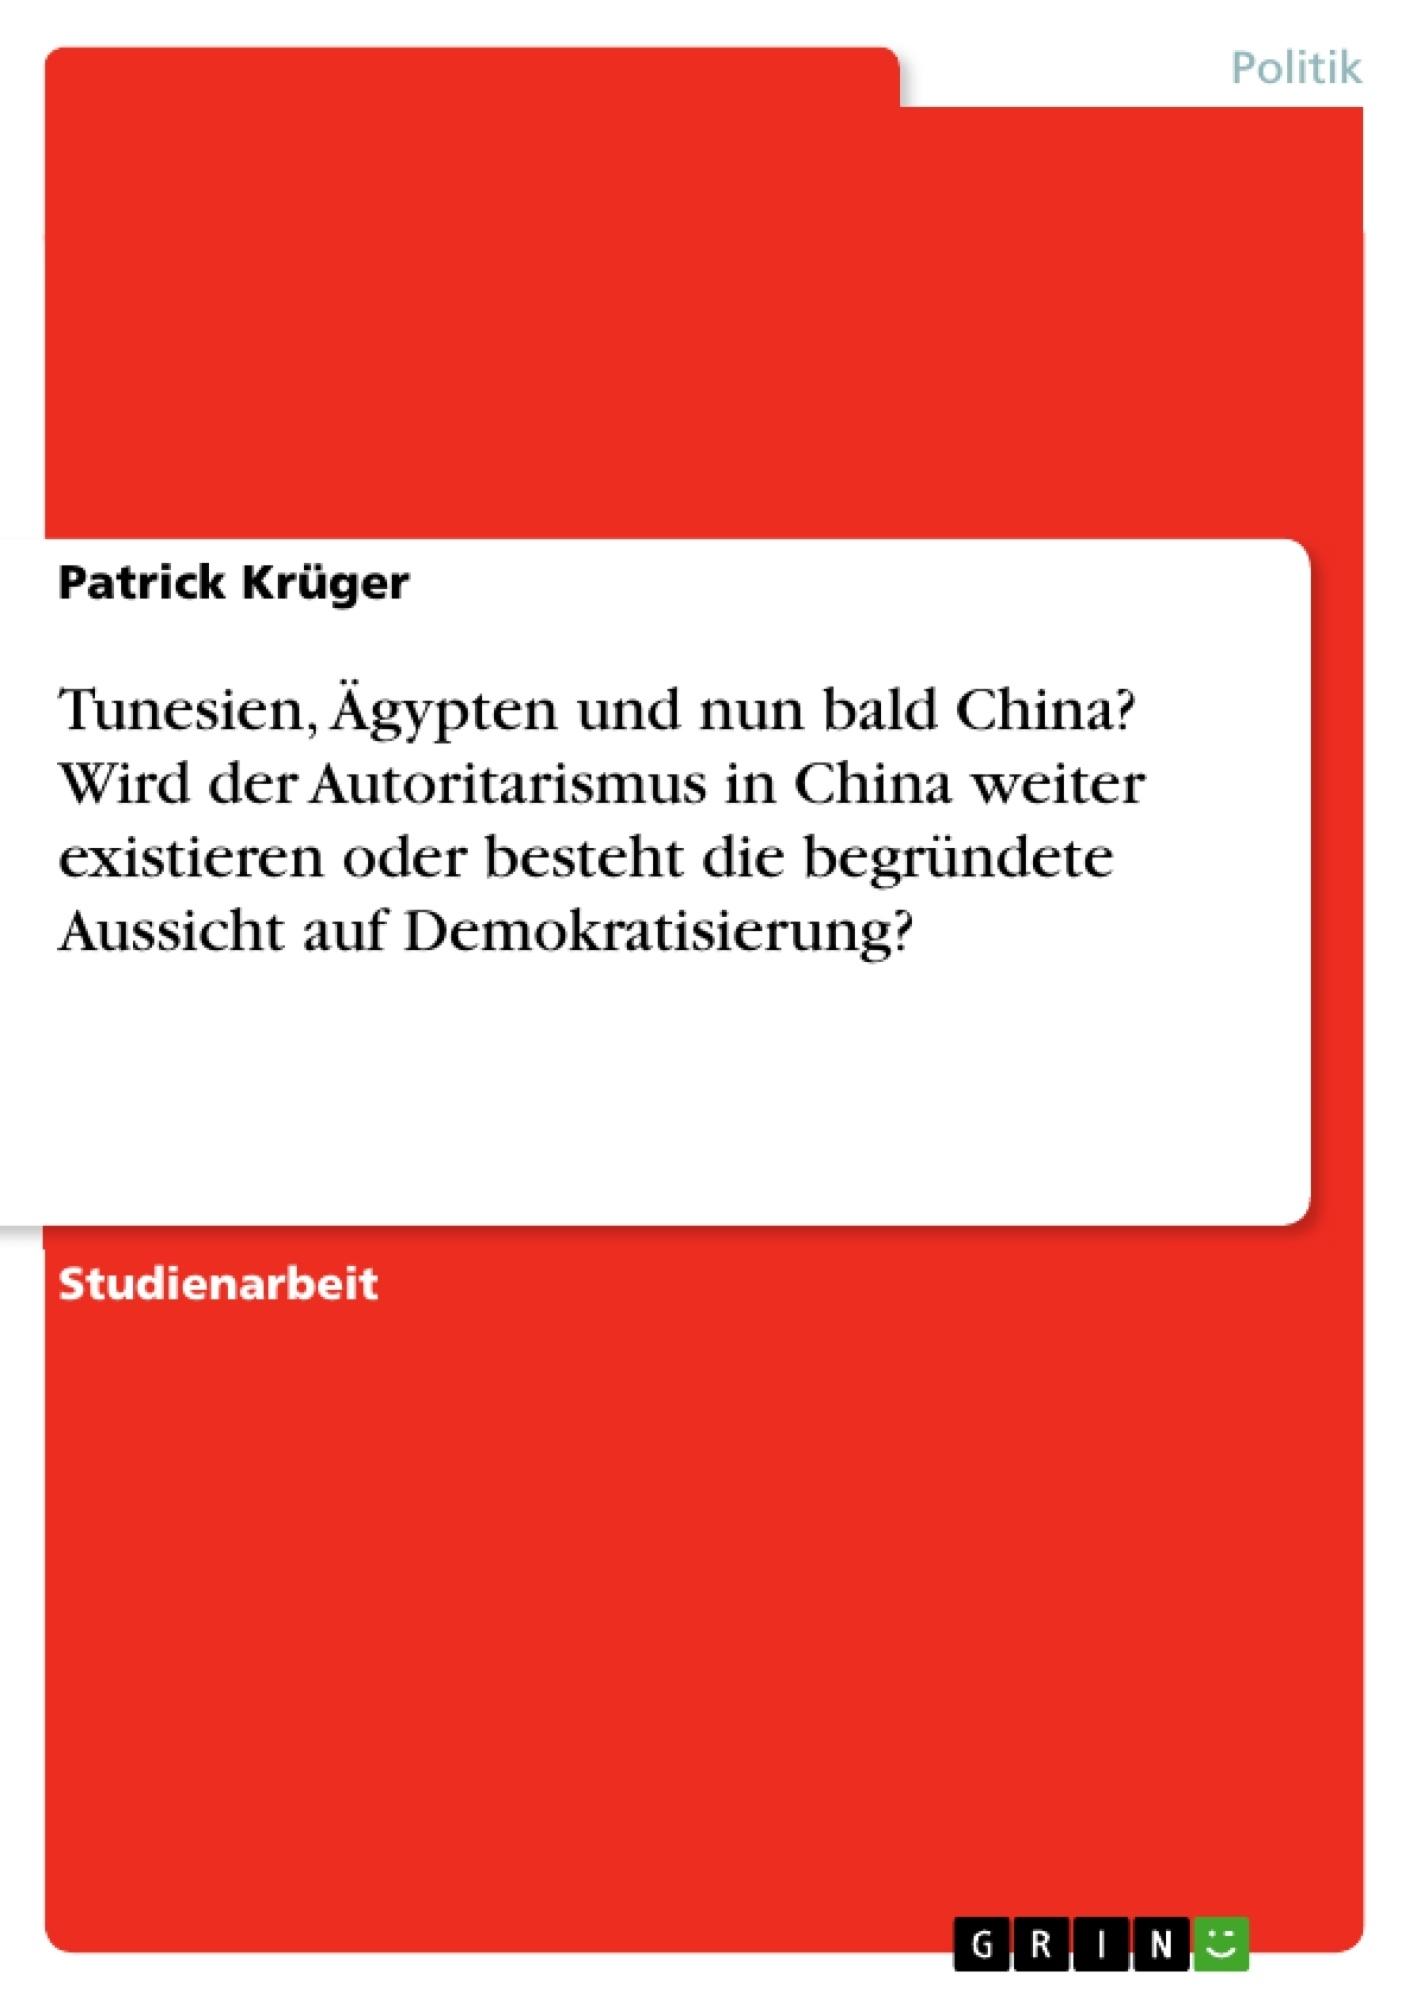 Titel: Tunesien, Ägypten und nun bald China? Wird der Autoritarismus in China weiter existieren oder besteht die begründete Aussicht auf Demokratisierung?